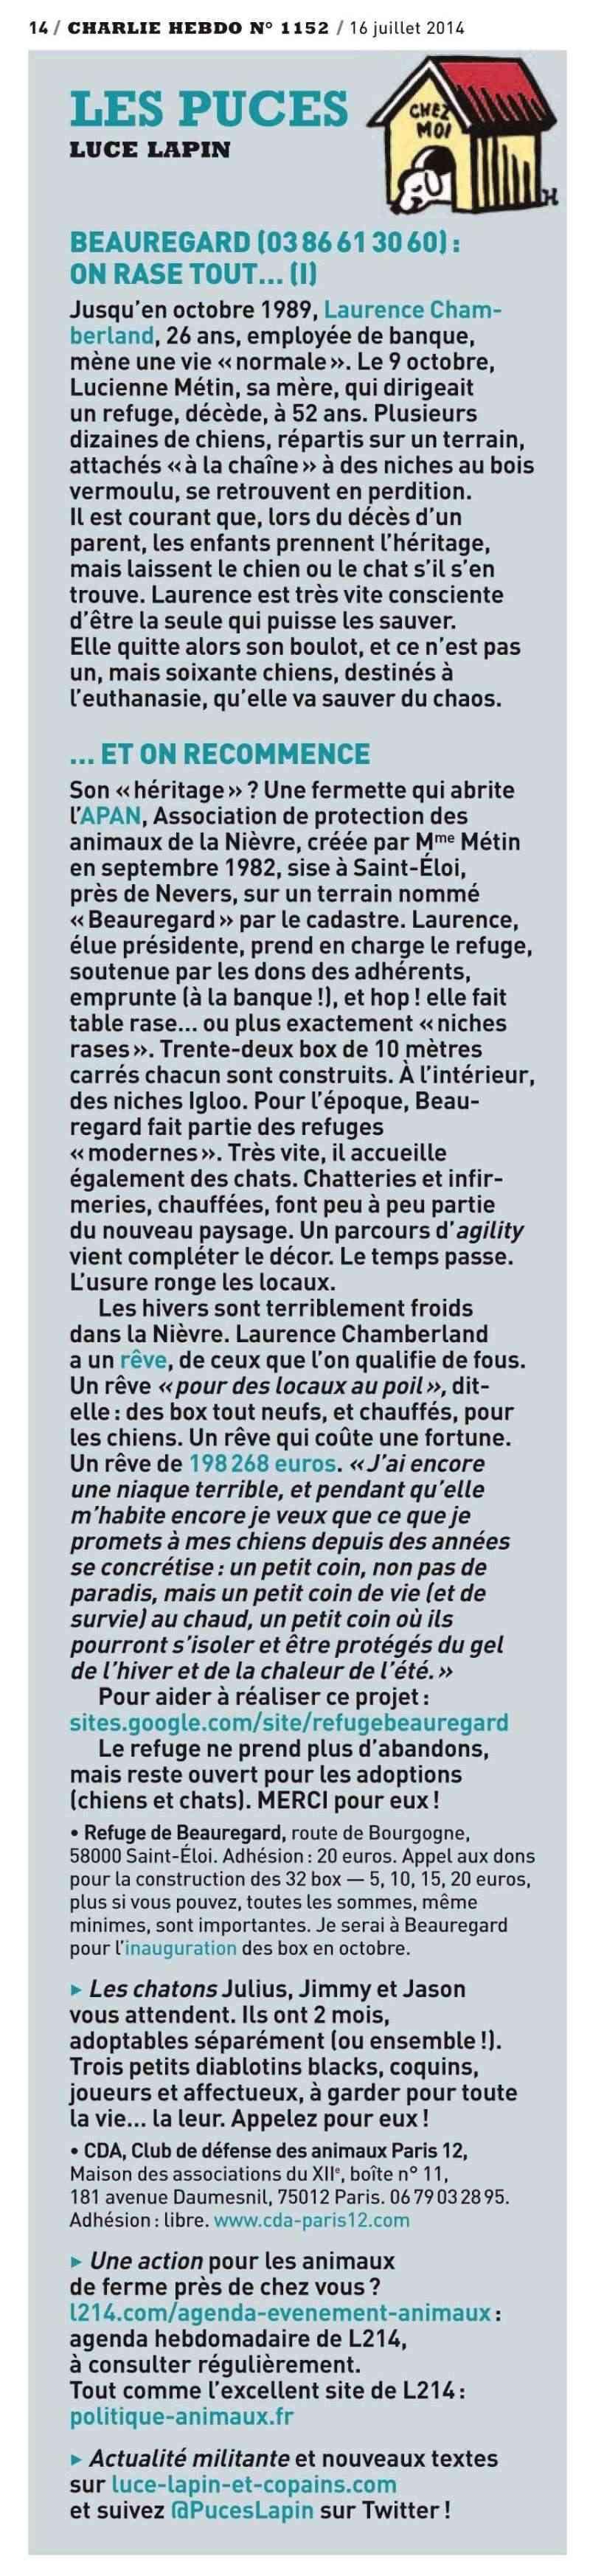 ENFIN AU CHAUD !!! - Page 2 Puces-10